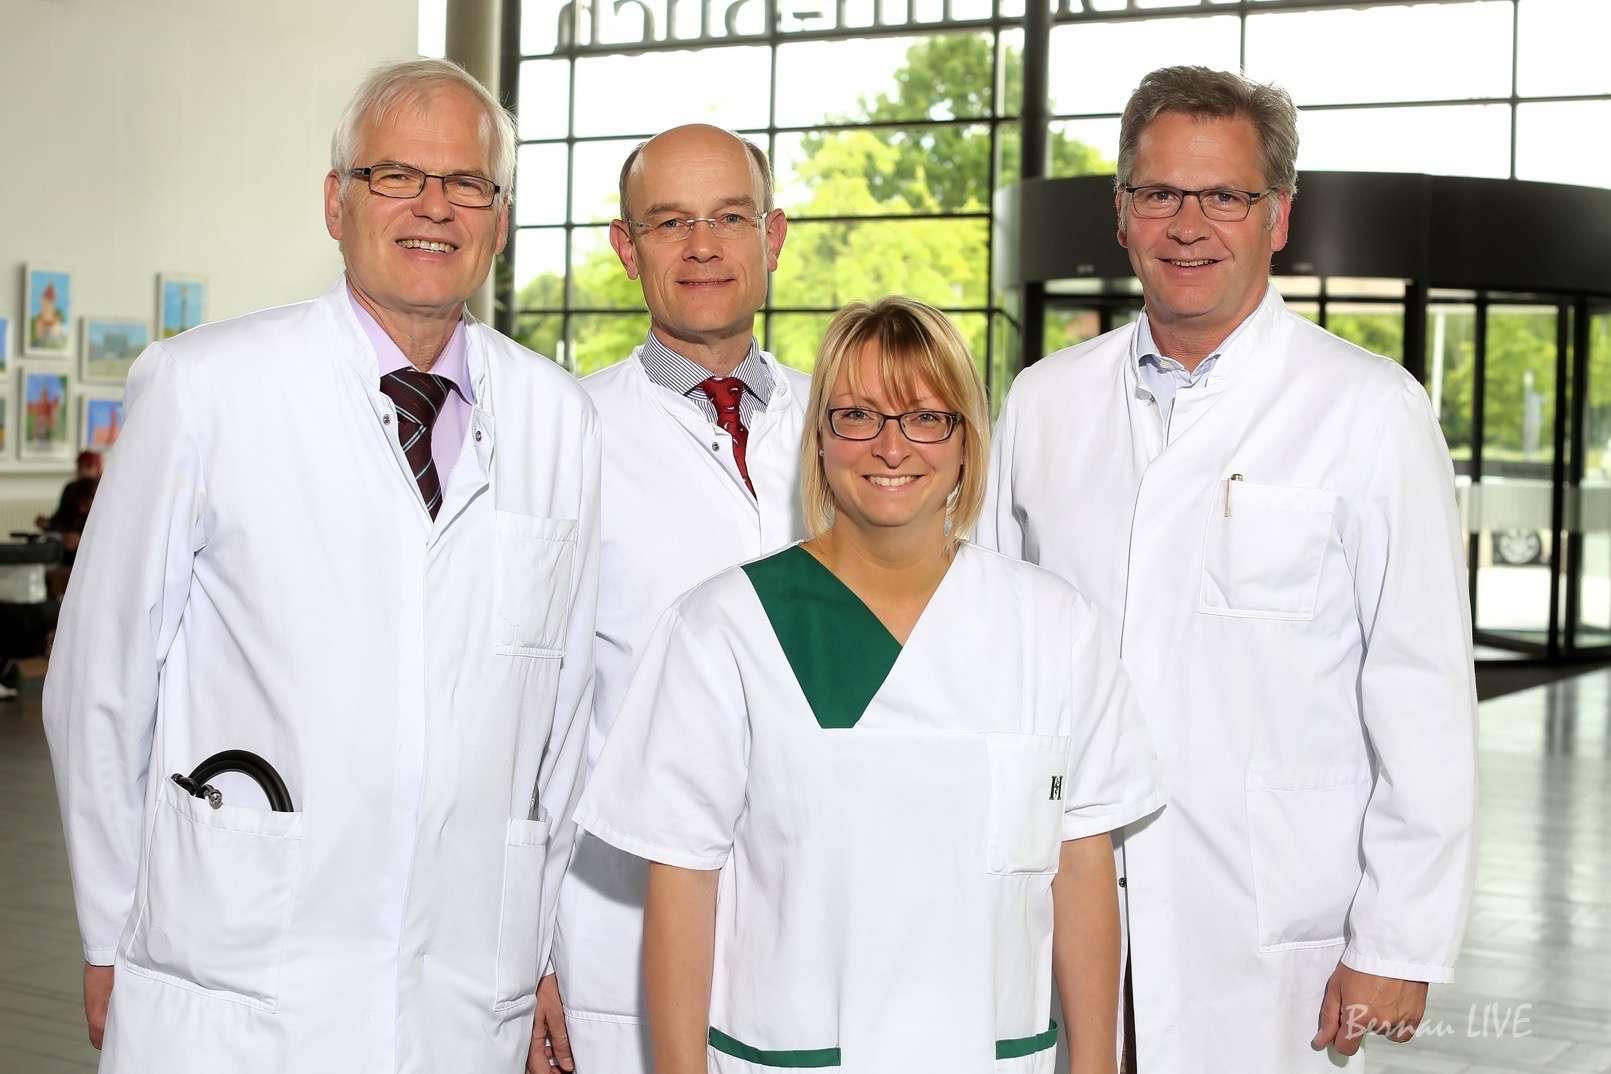 """Bernau-Buch """"Übergewicht ist eine Krankheit und kein Schönheitsfehler!"""" So lautet das Thema eines öffentlichen Chefarztvortrages im HELIOS Klinikum Berlin-Buch."""